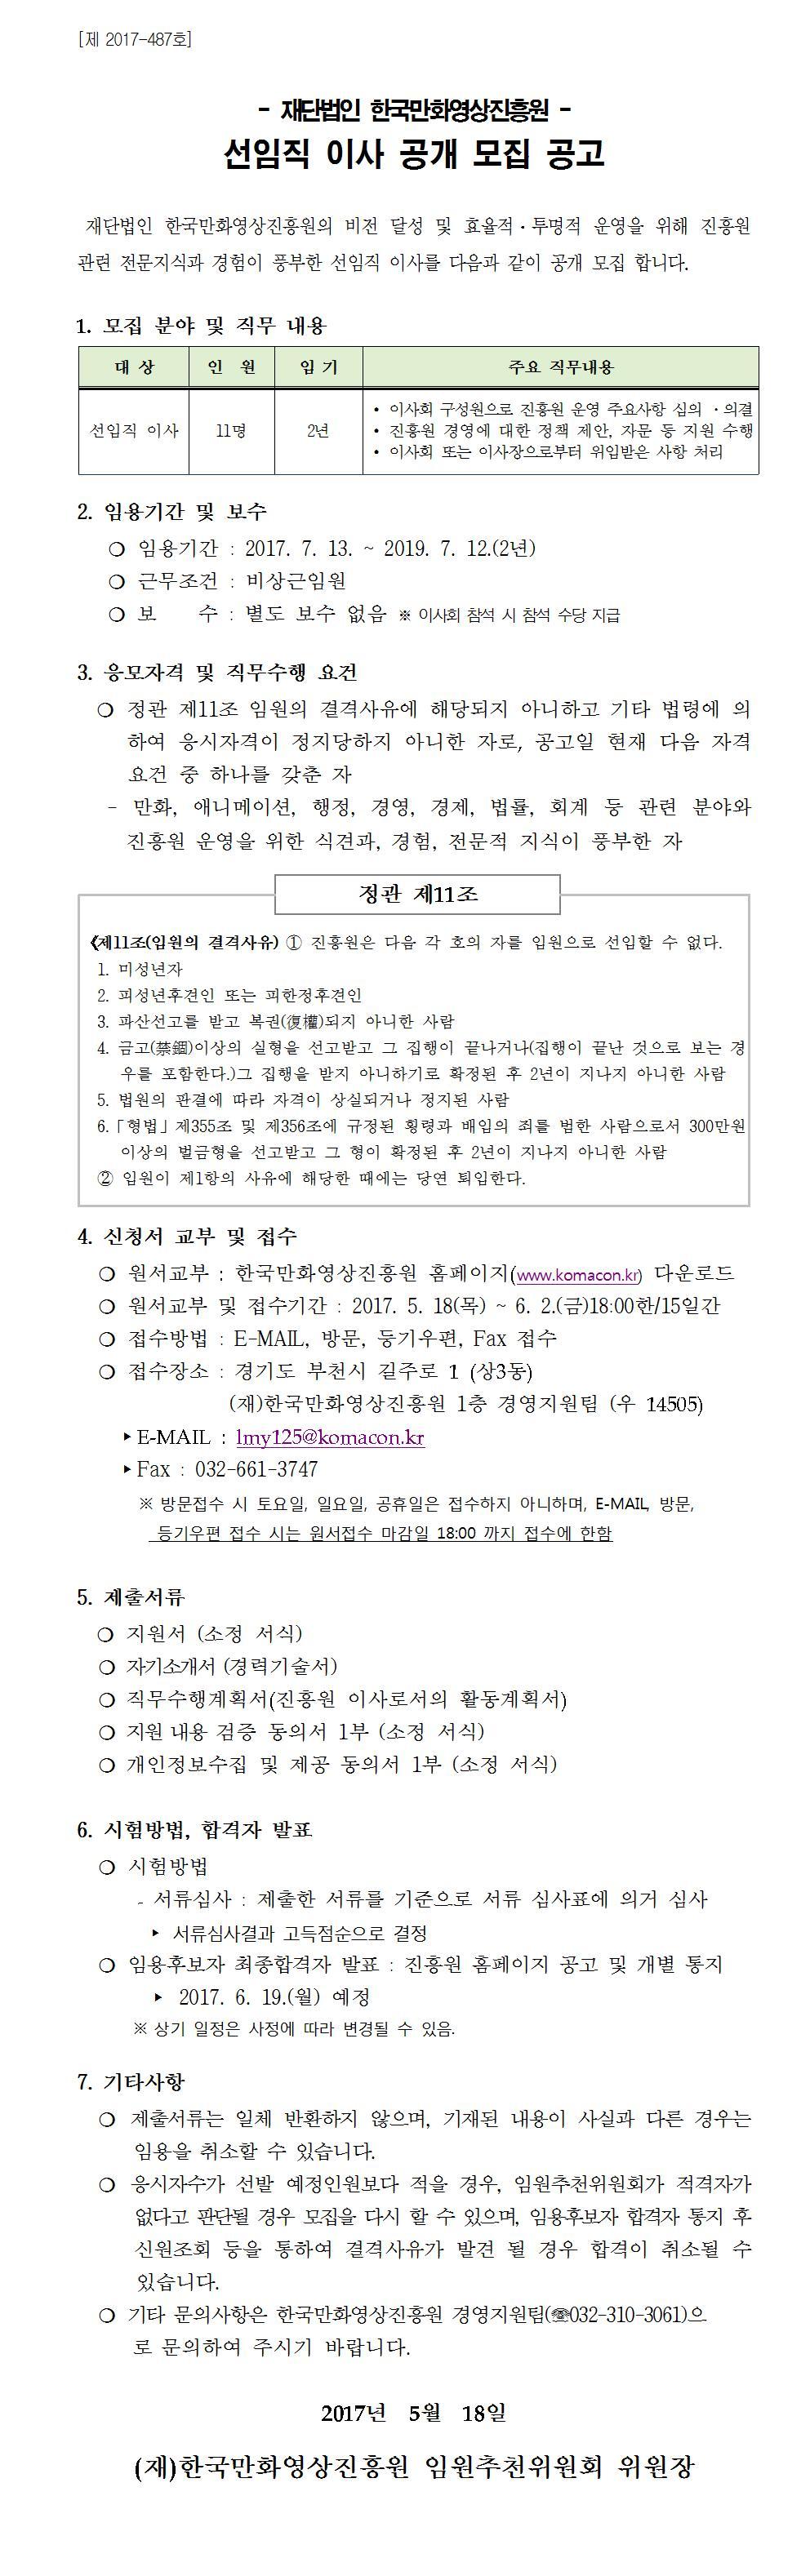 선임직 이사 공개 모집 공고001.jpg